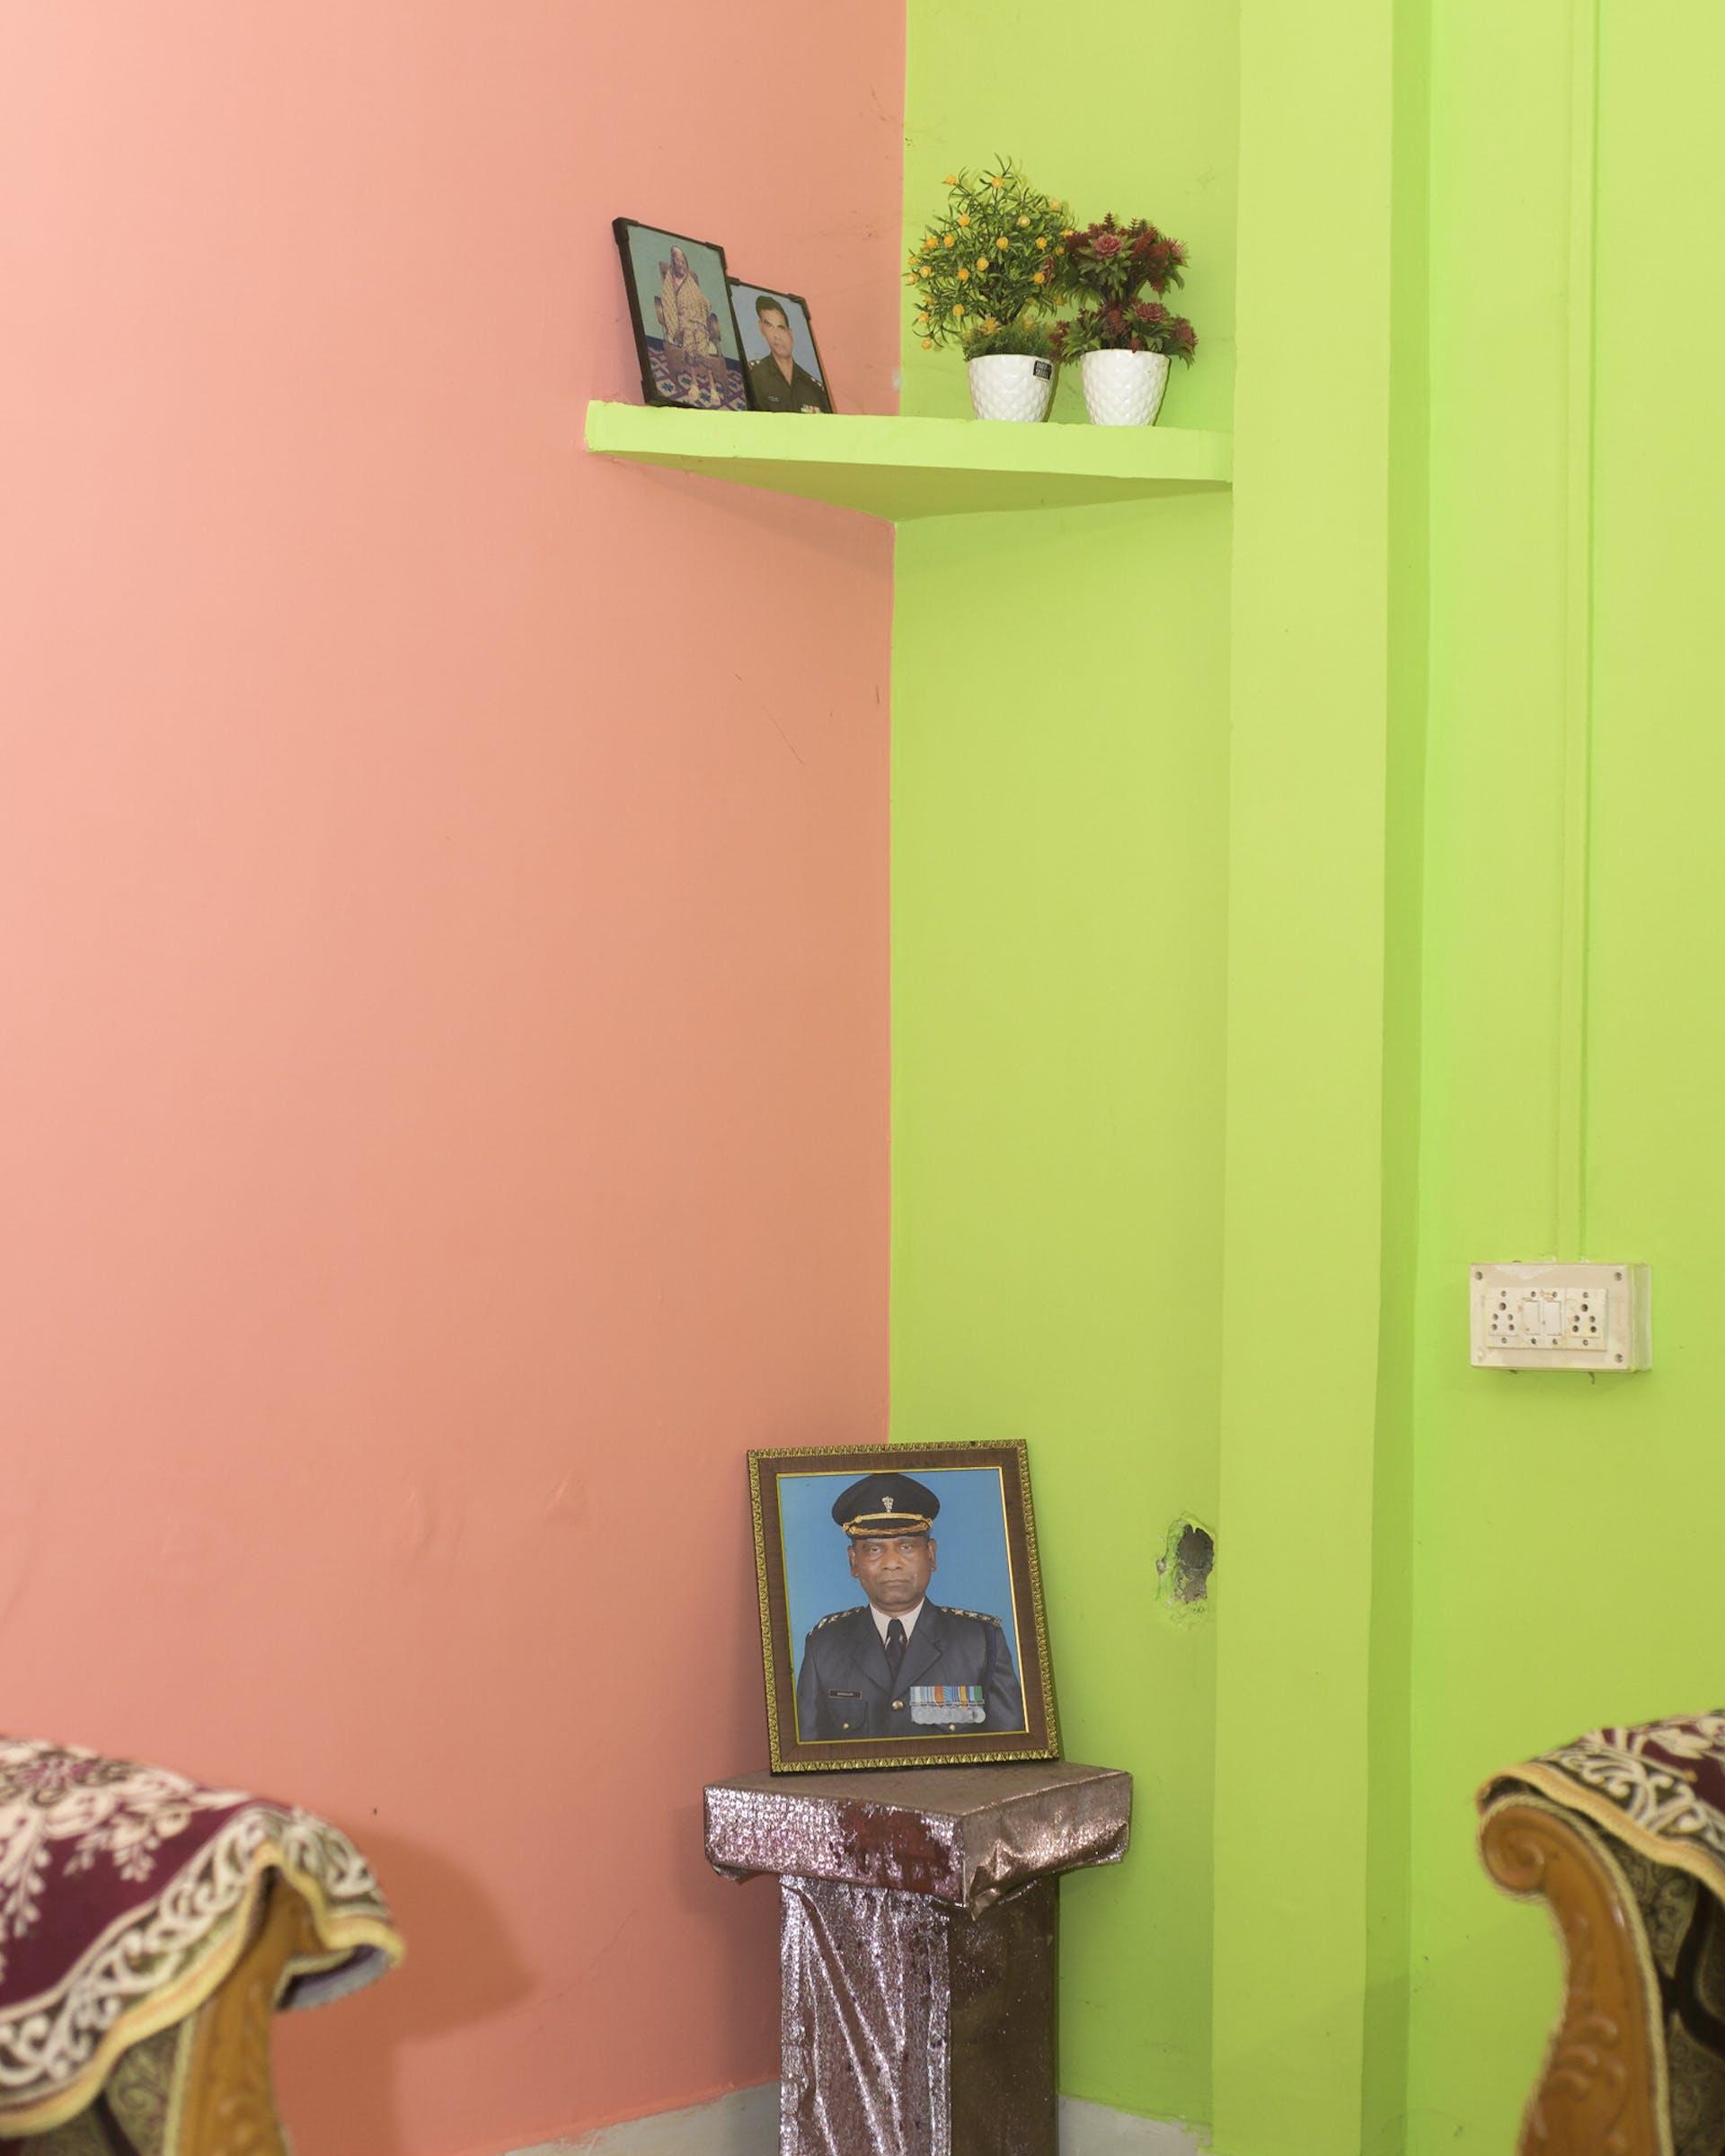 A corner of Mohammed Sanaullah's residence in Satgaon, Guwahati. Picture credit: Prakash Bhuyan.